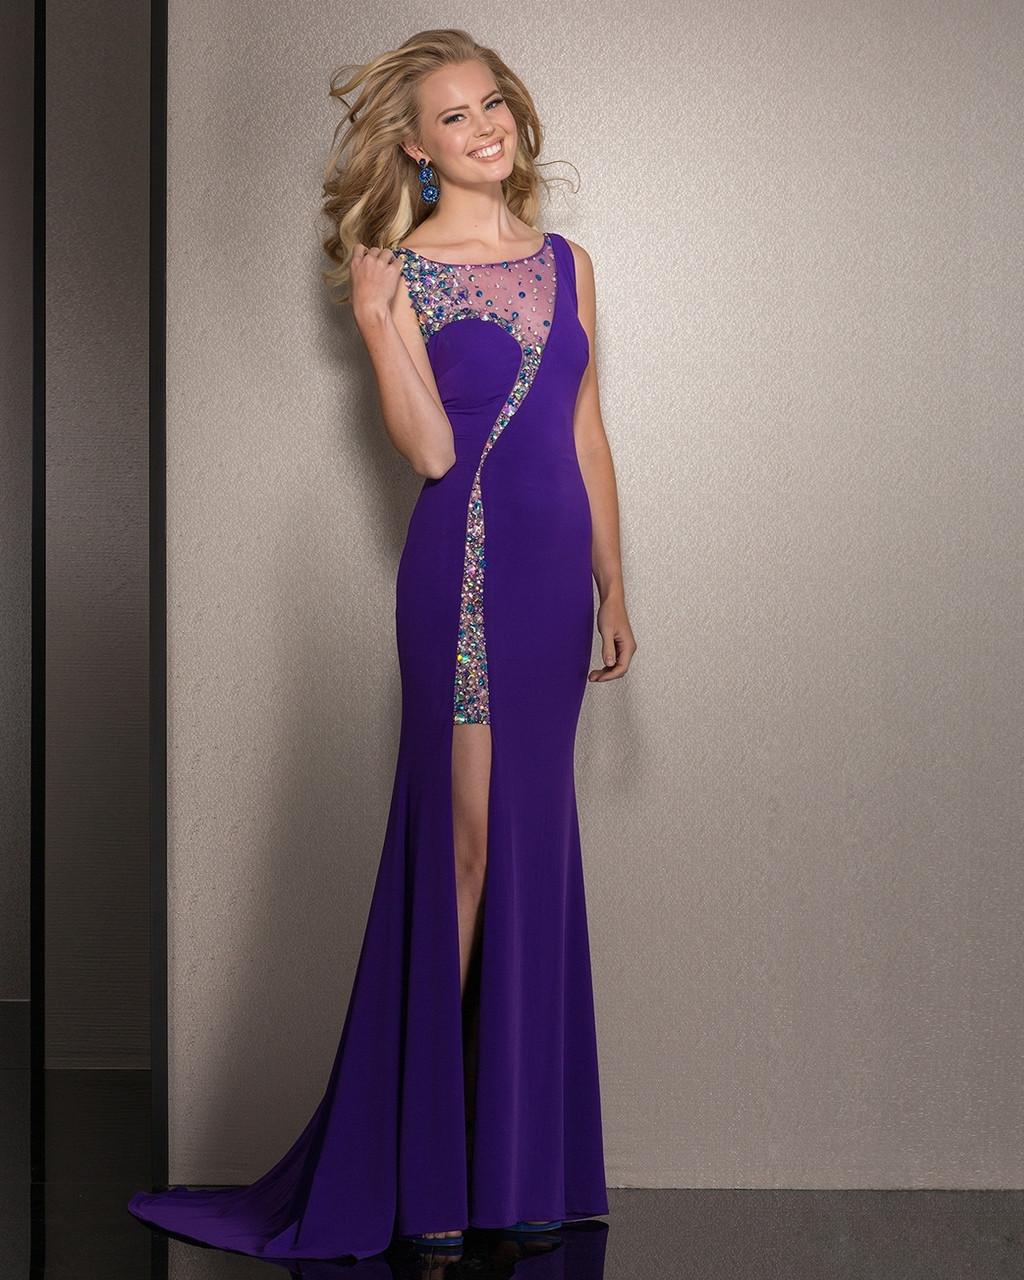 Clarisse 2581 Prom Dress - Prom-Avenue